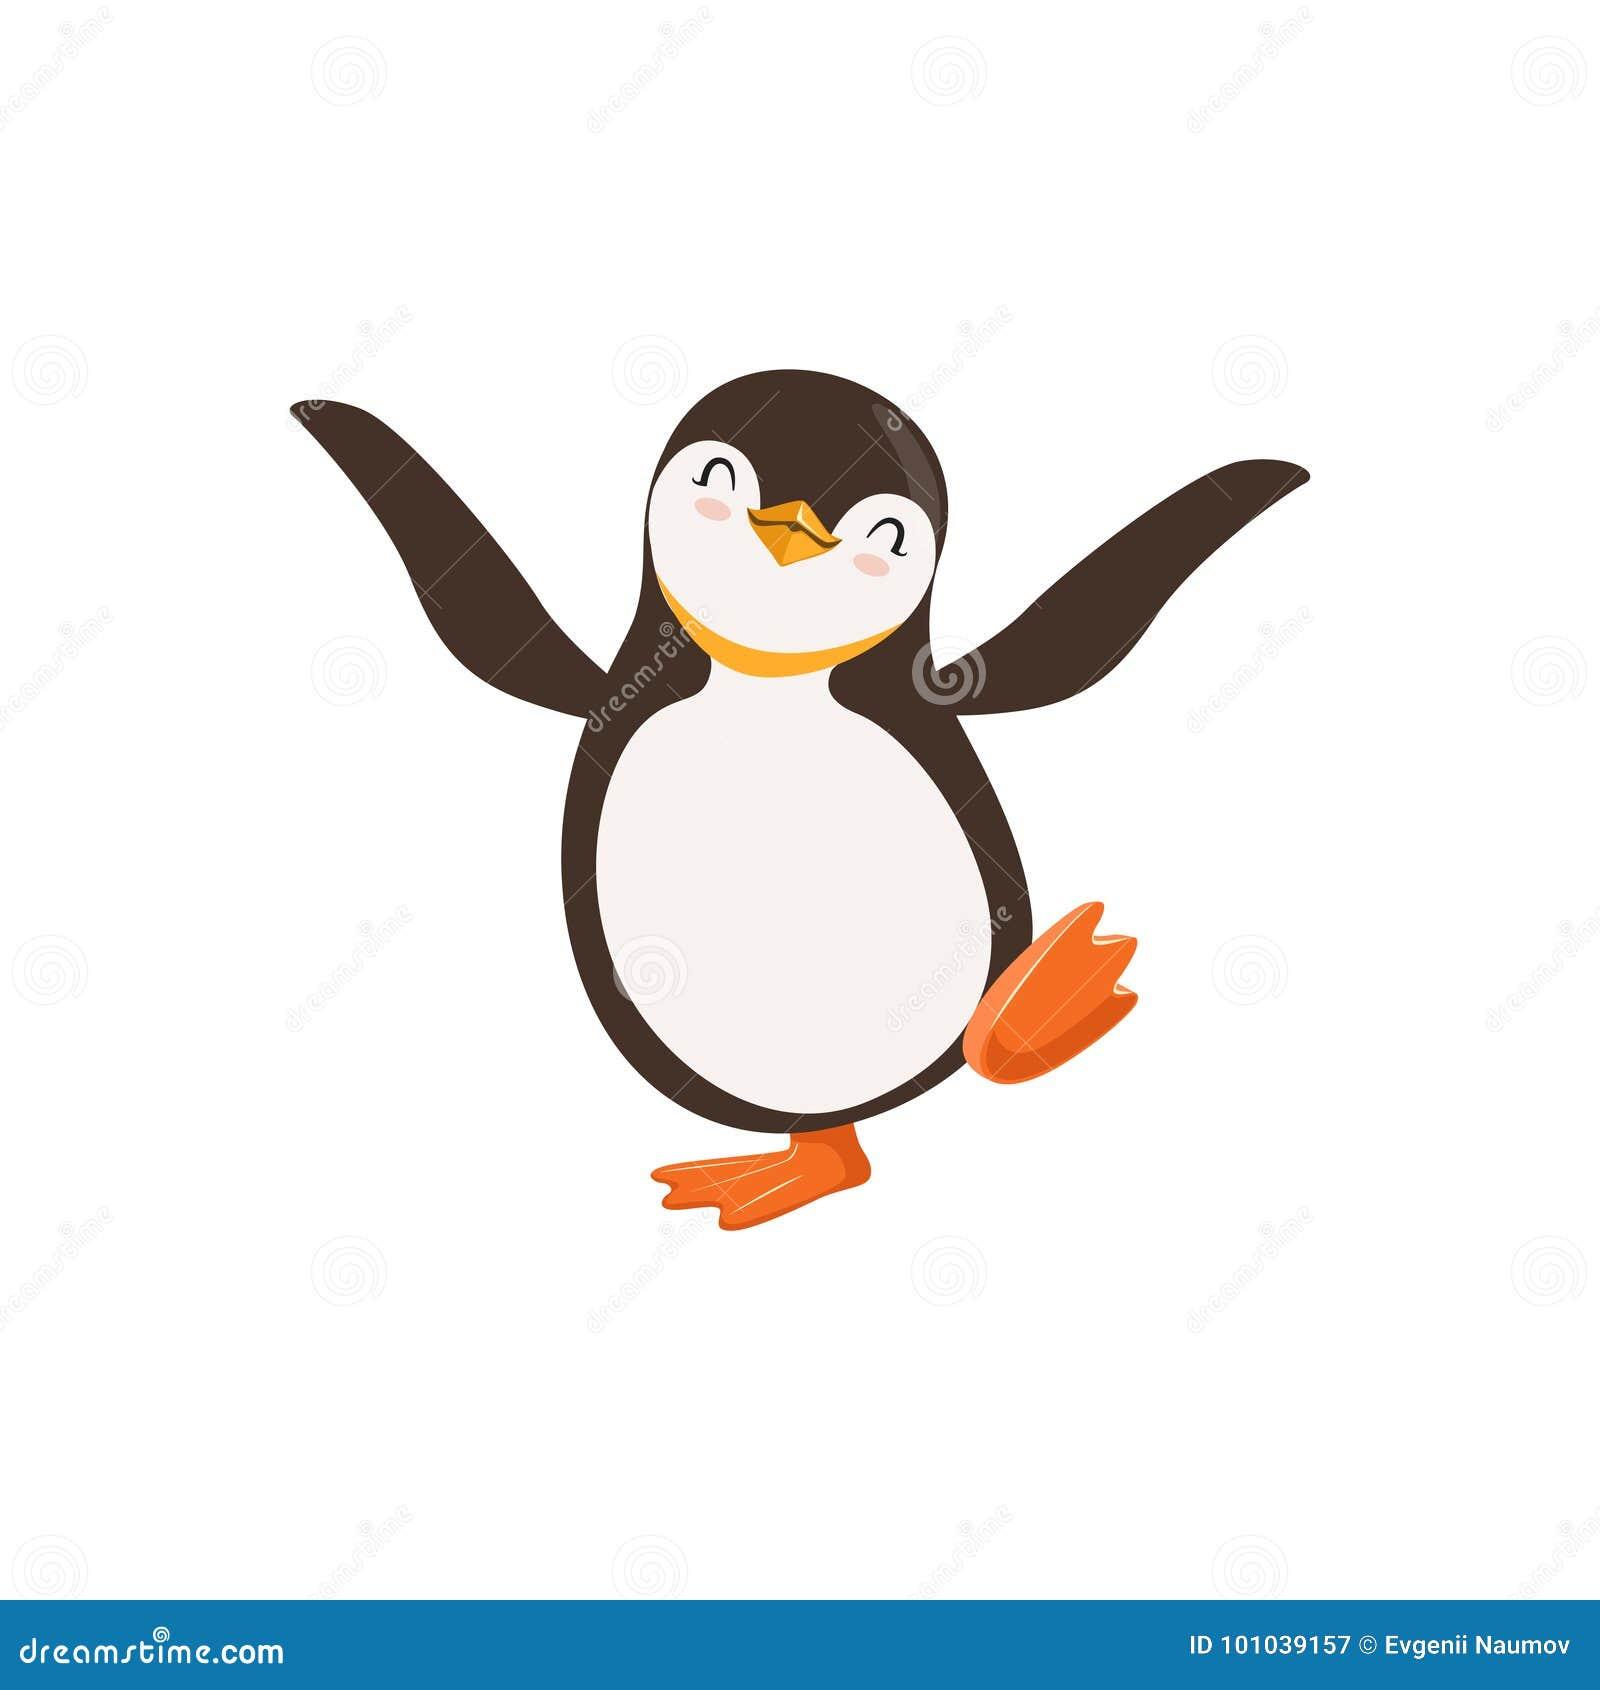 De leuke vector Gelukkige die Ogen van Pinguïntoon character dancing with its op een Witte achtergrond worden gesloten